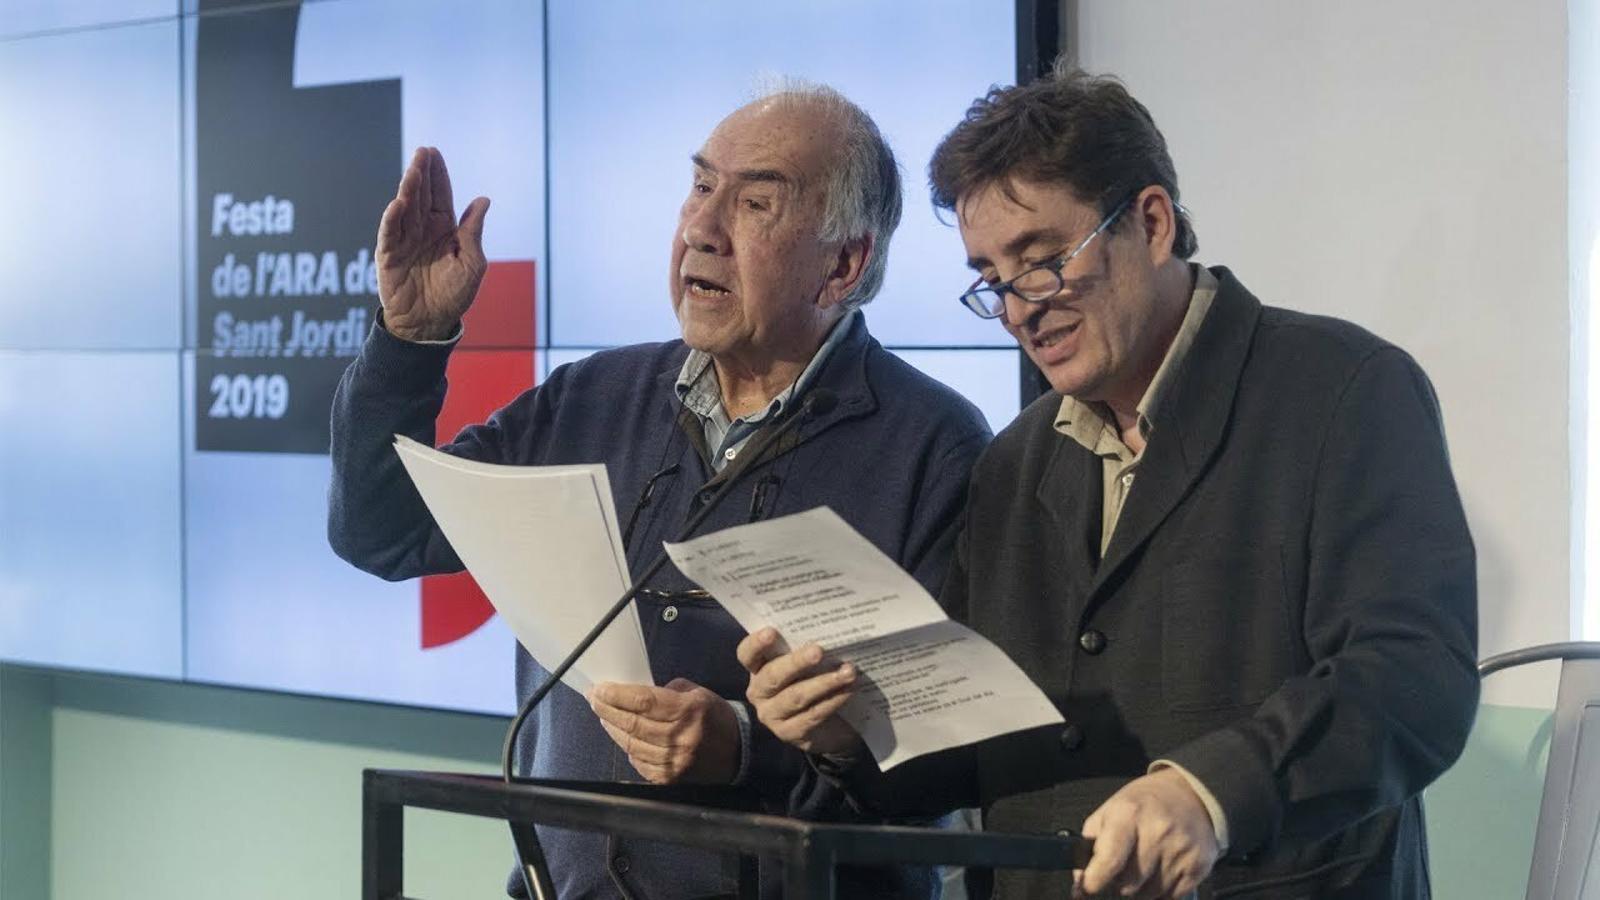 Joan Margarit i Luis García Montero avancen el Sant Jordi amb l'ARA